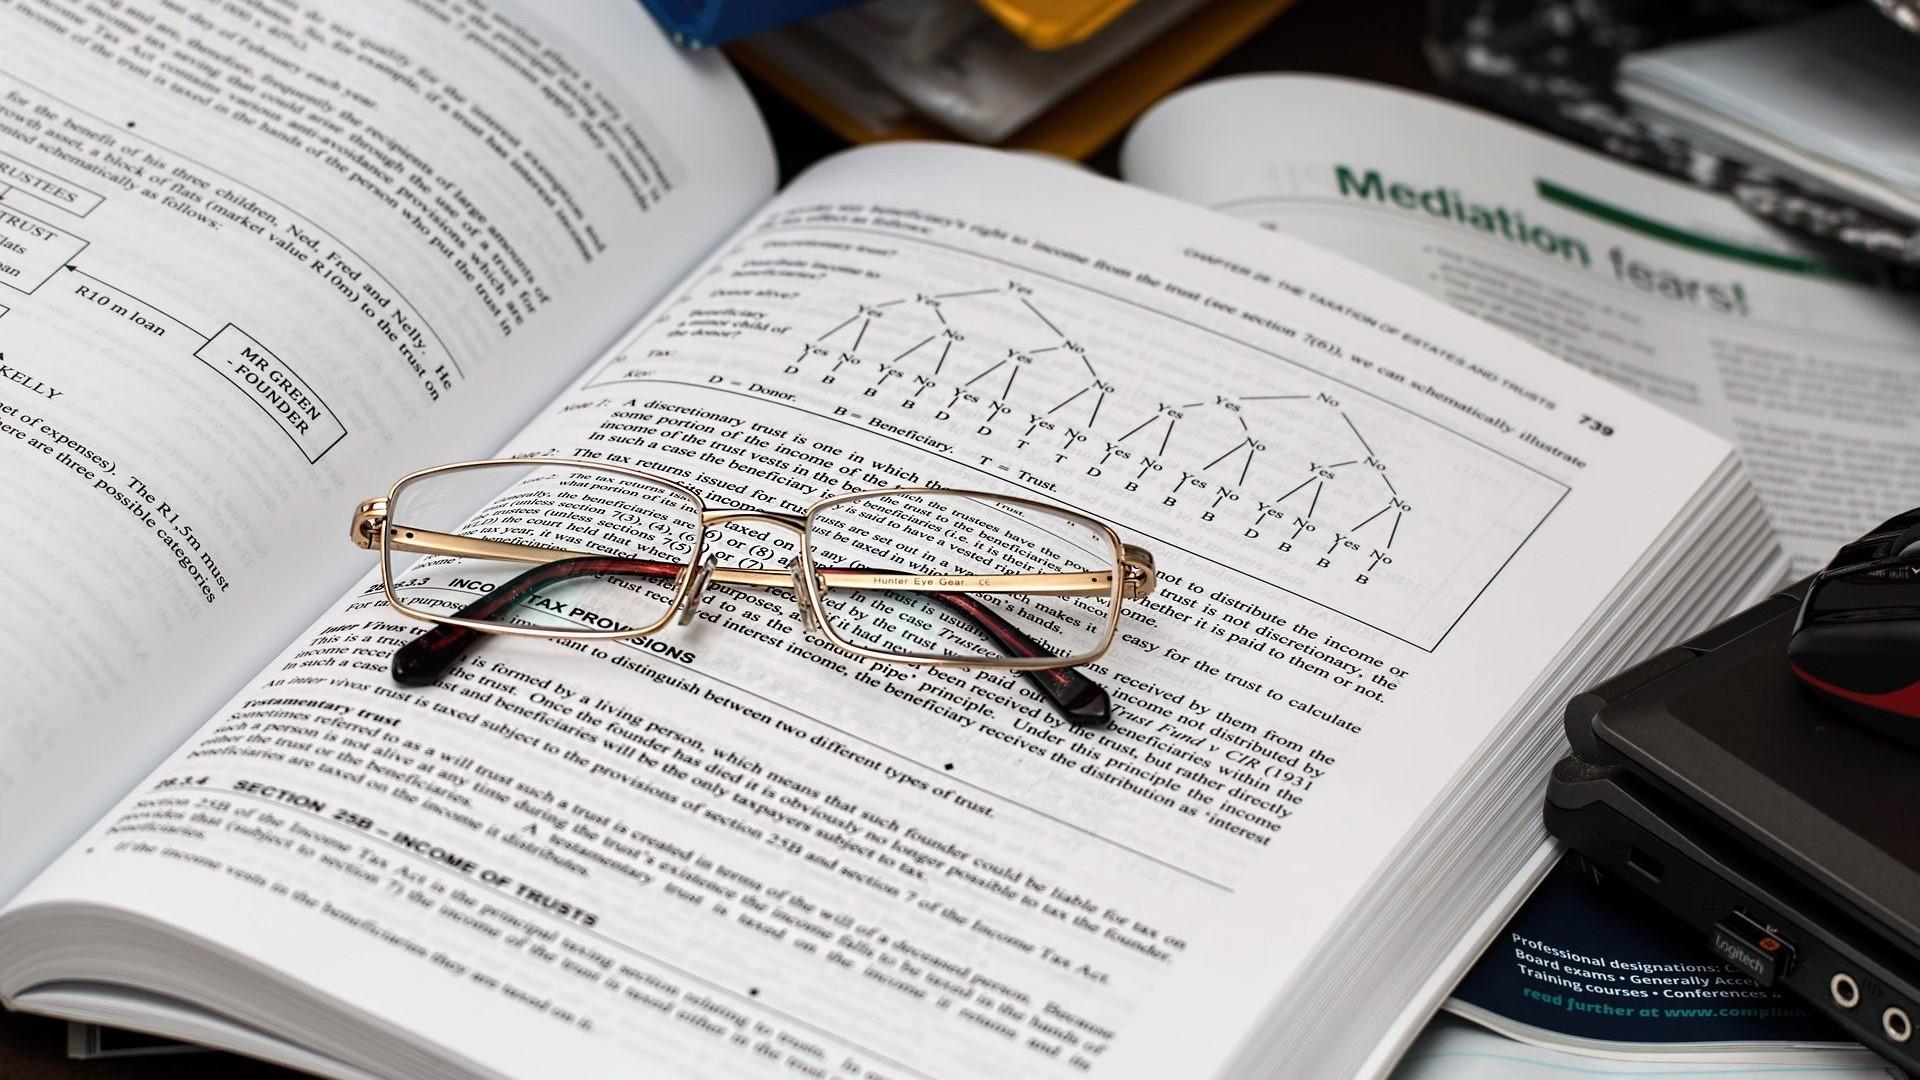 ビジネス書、経済・経営